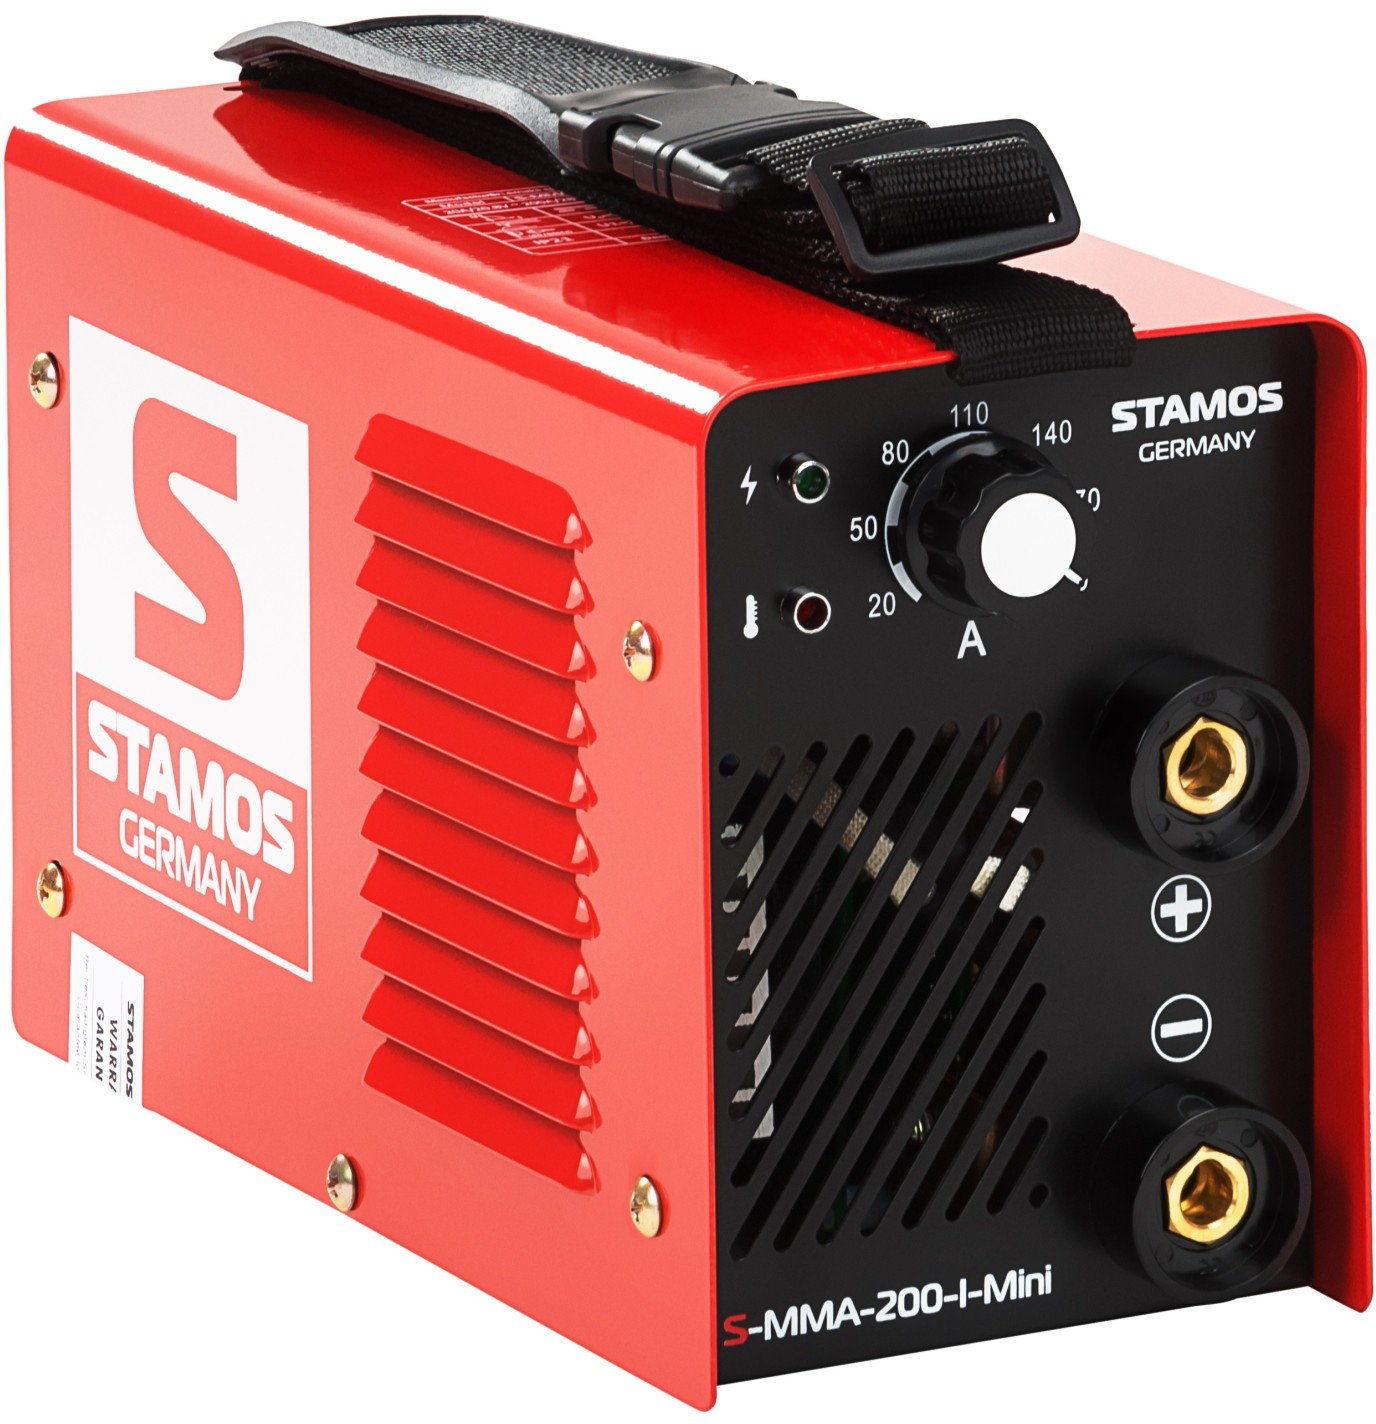 Spawarka MMA - 200 A - 230 V - IGBT - Stamos Basic - S-MMA-200-I-Mini - 3 lata gwarancji/wysyłka w 24h